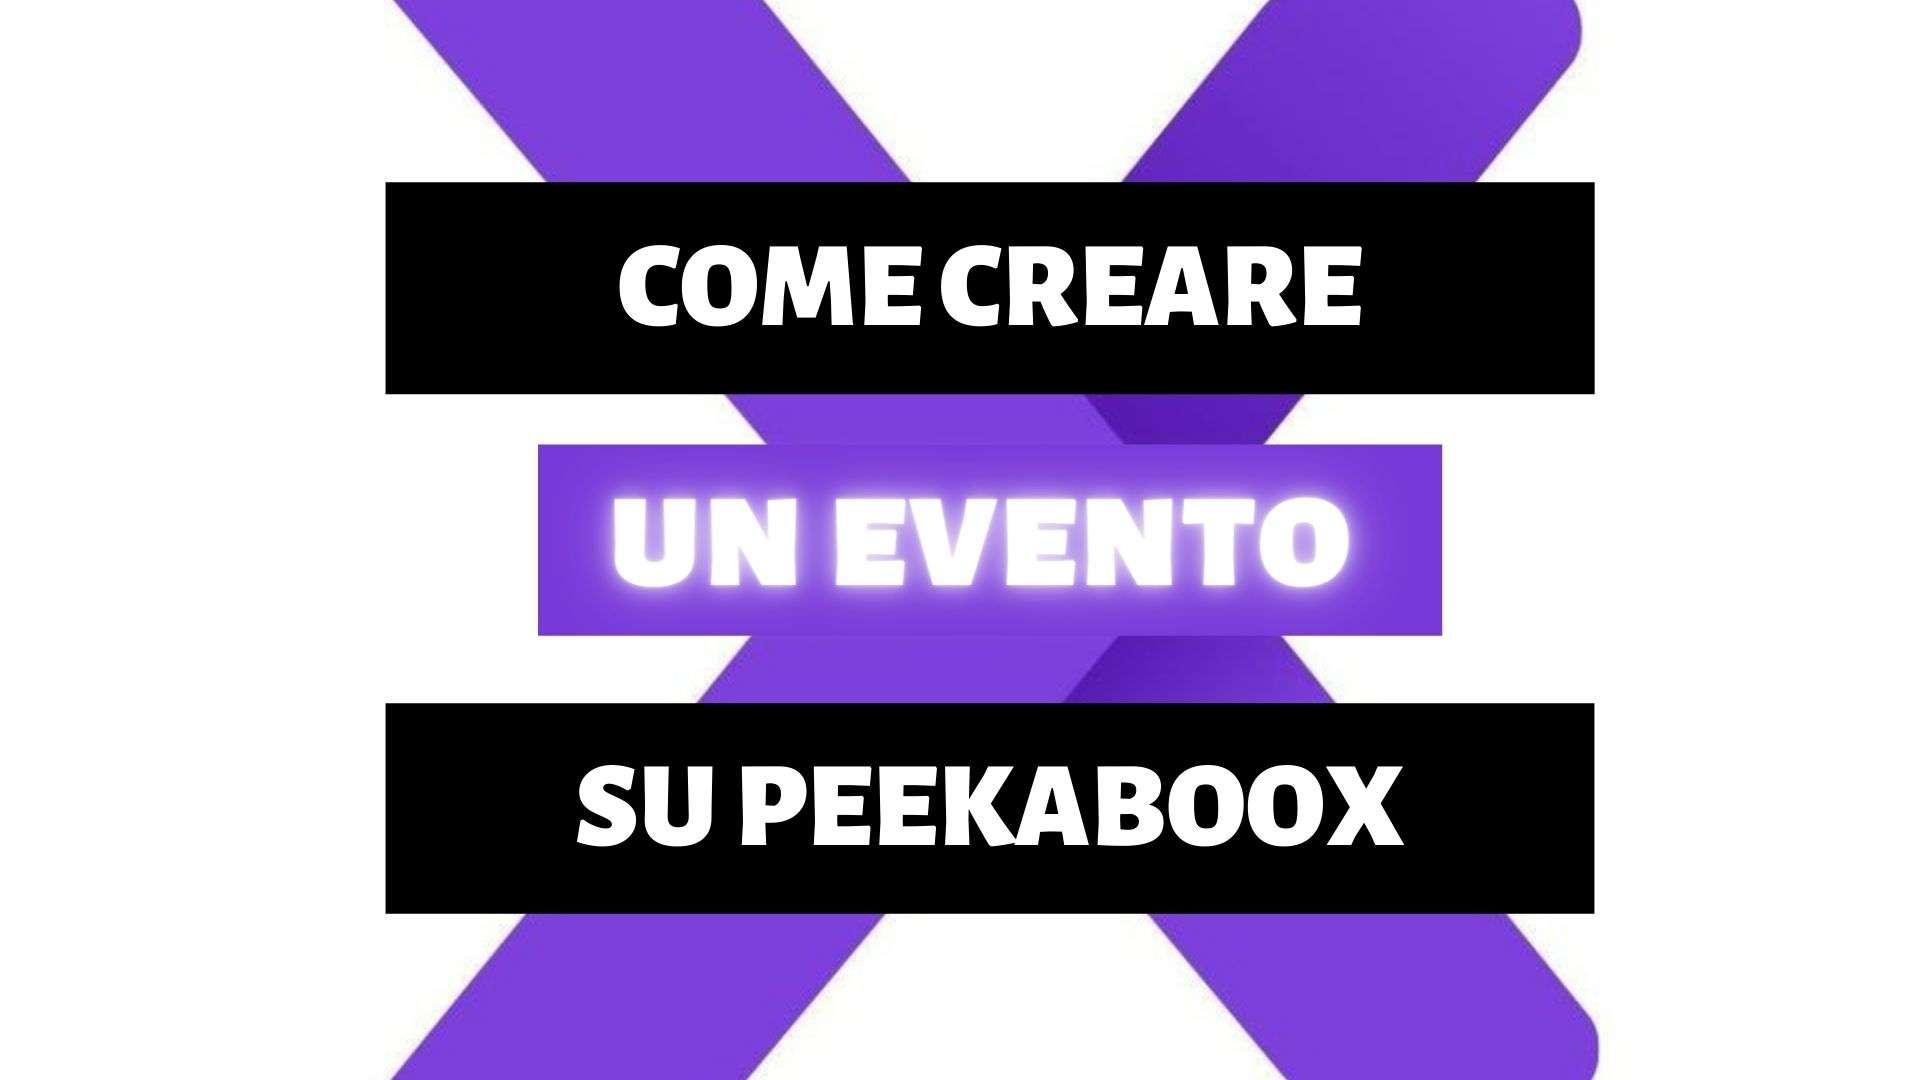 Peekaboox - Come creare un evento e il suo utilizzo